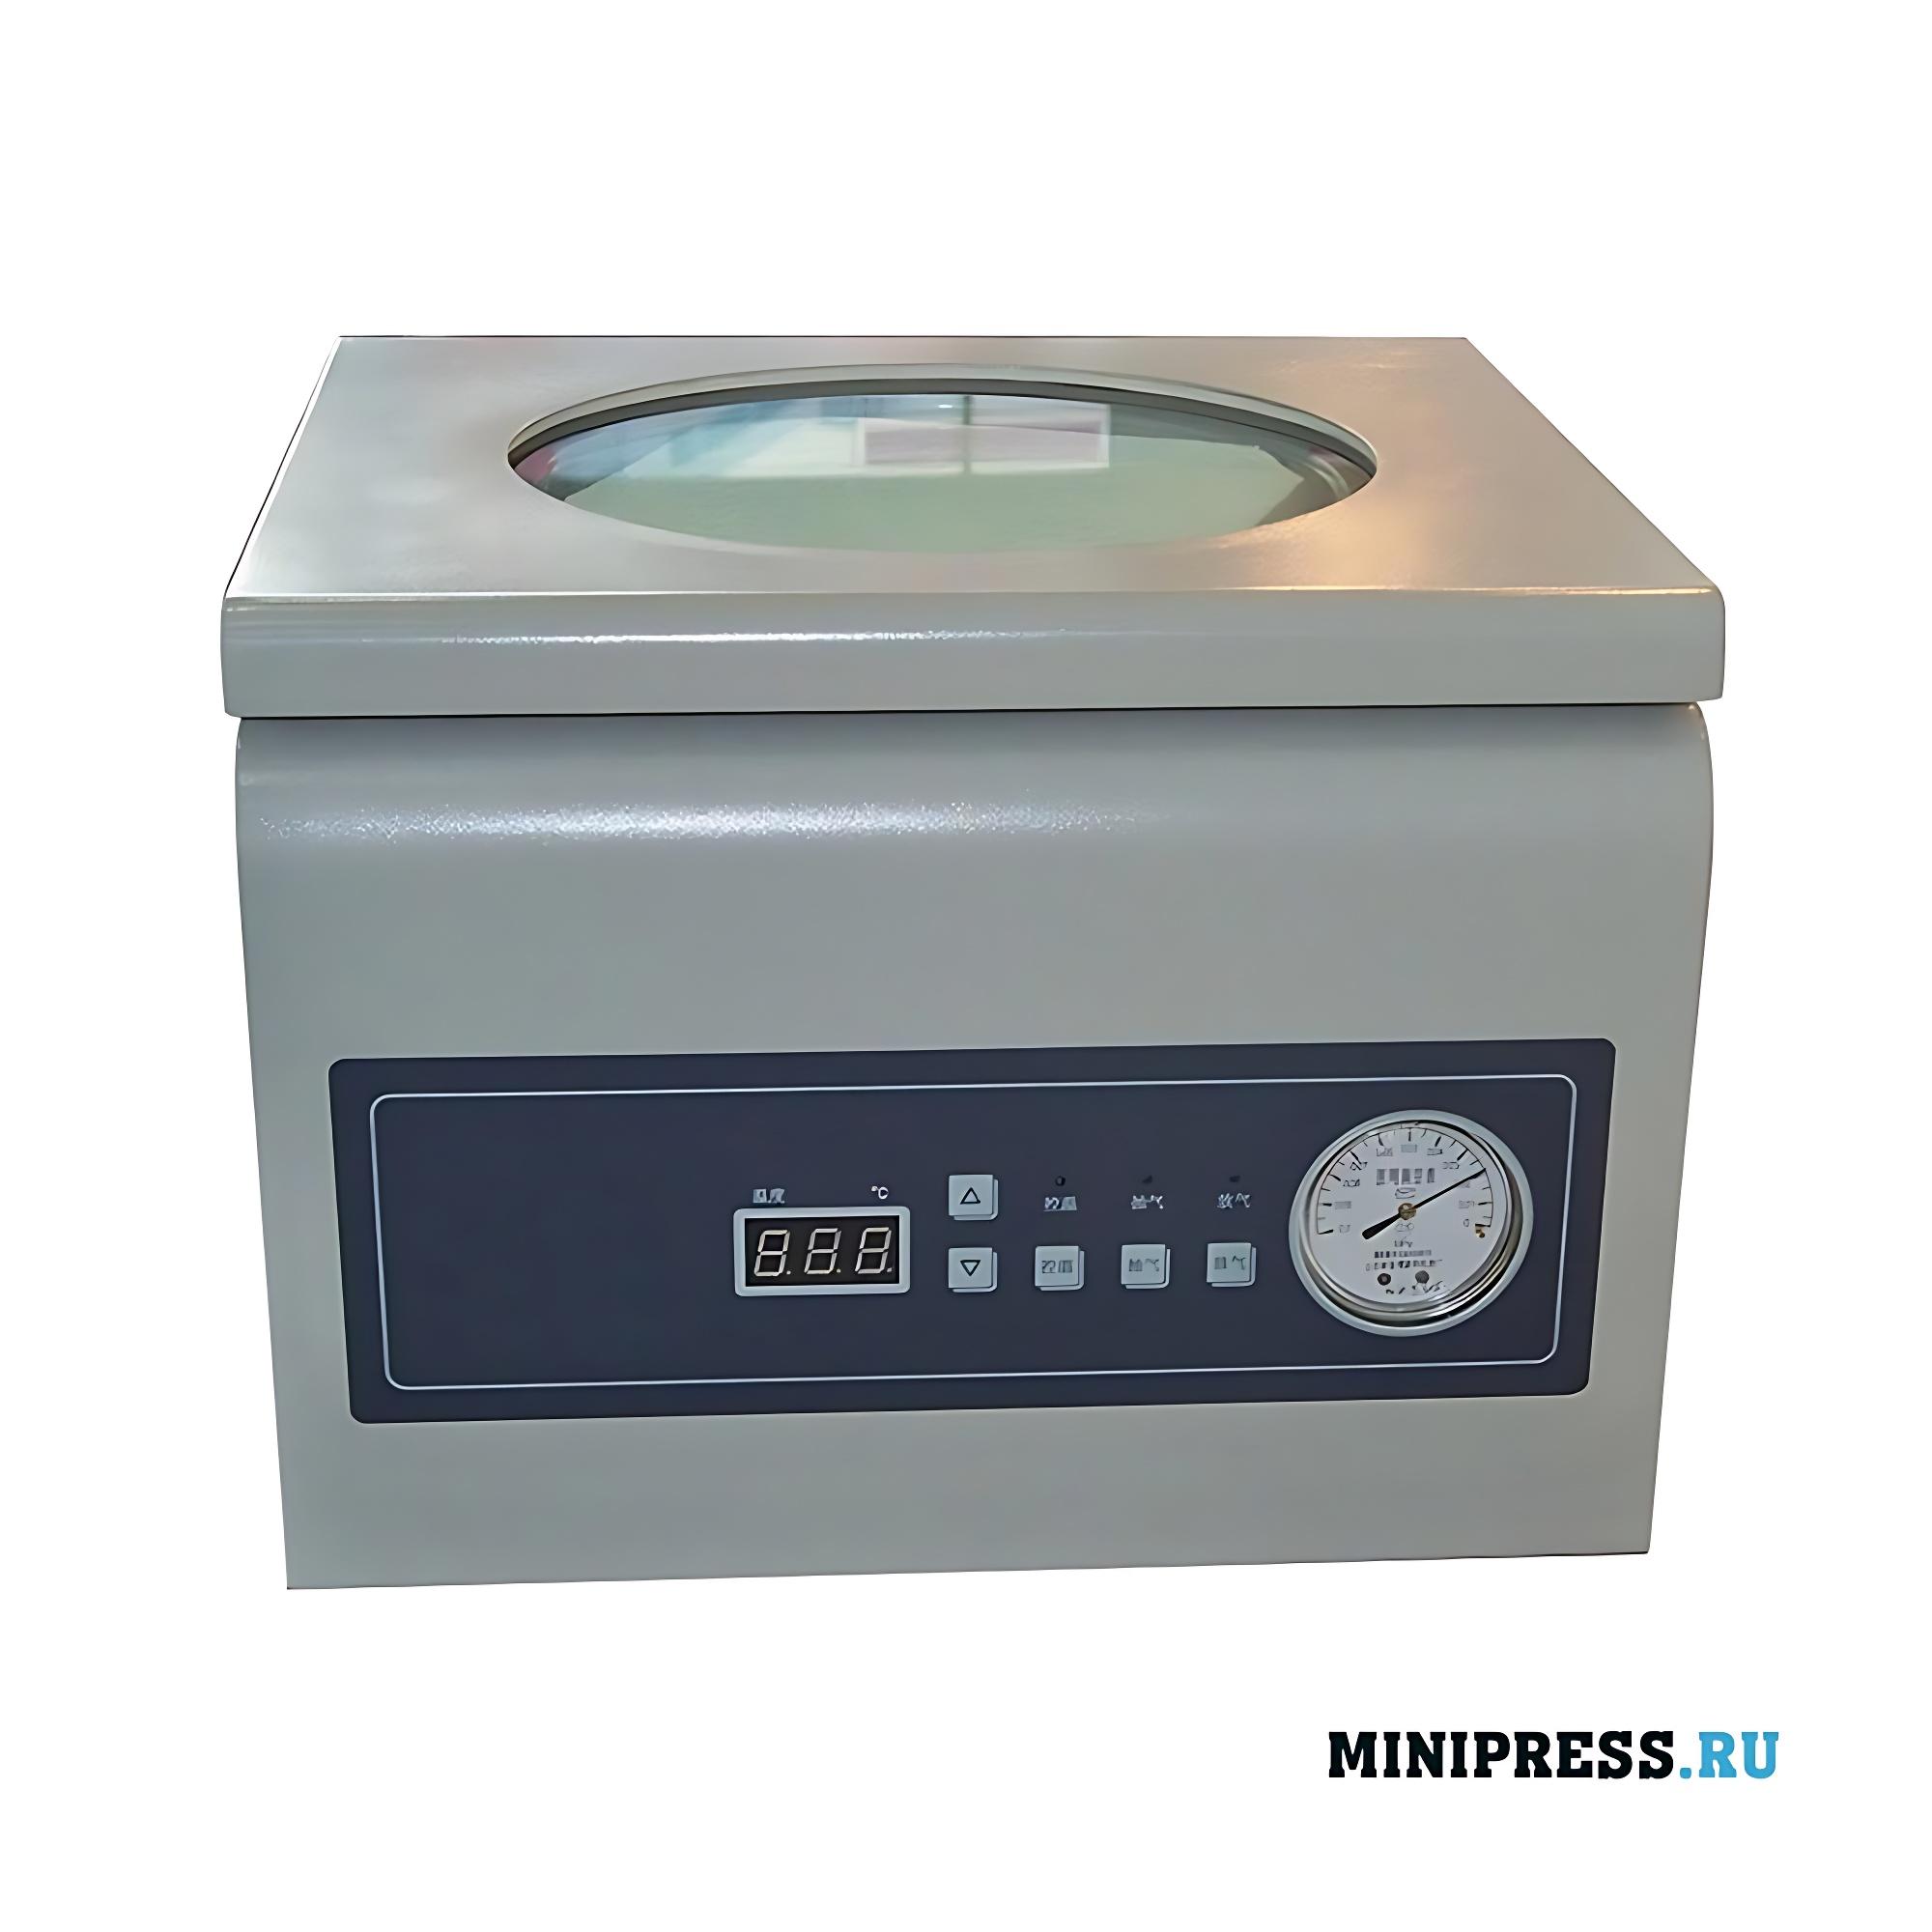 Вакуумный сушильный шкаф с постоянной температурой